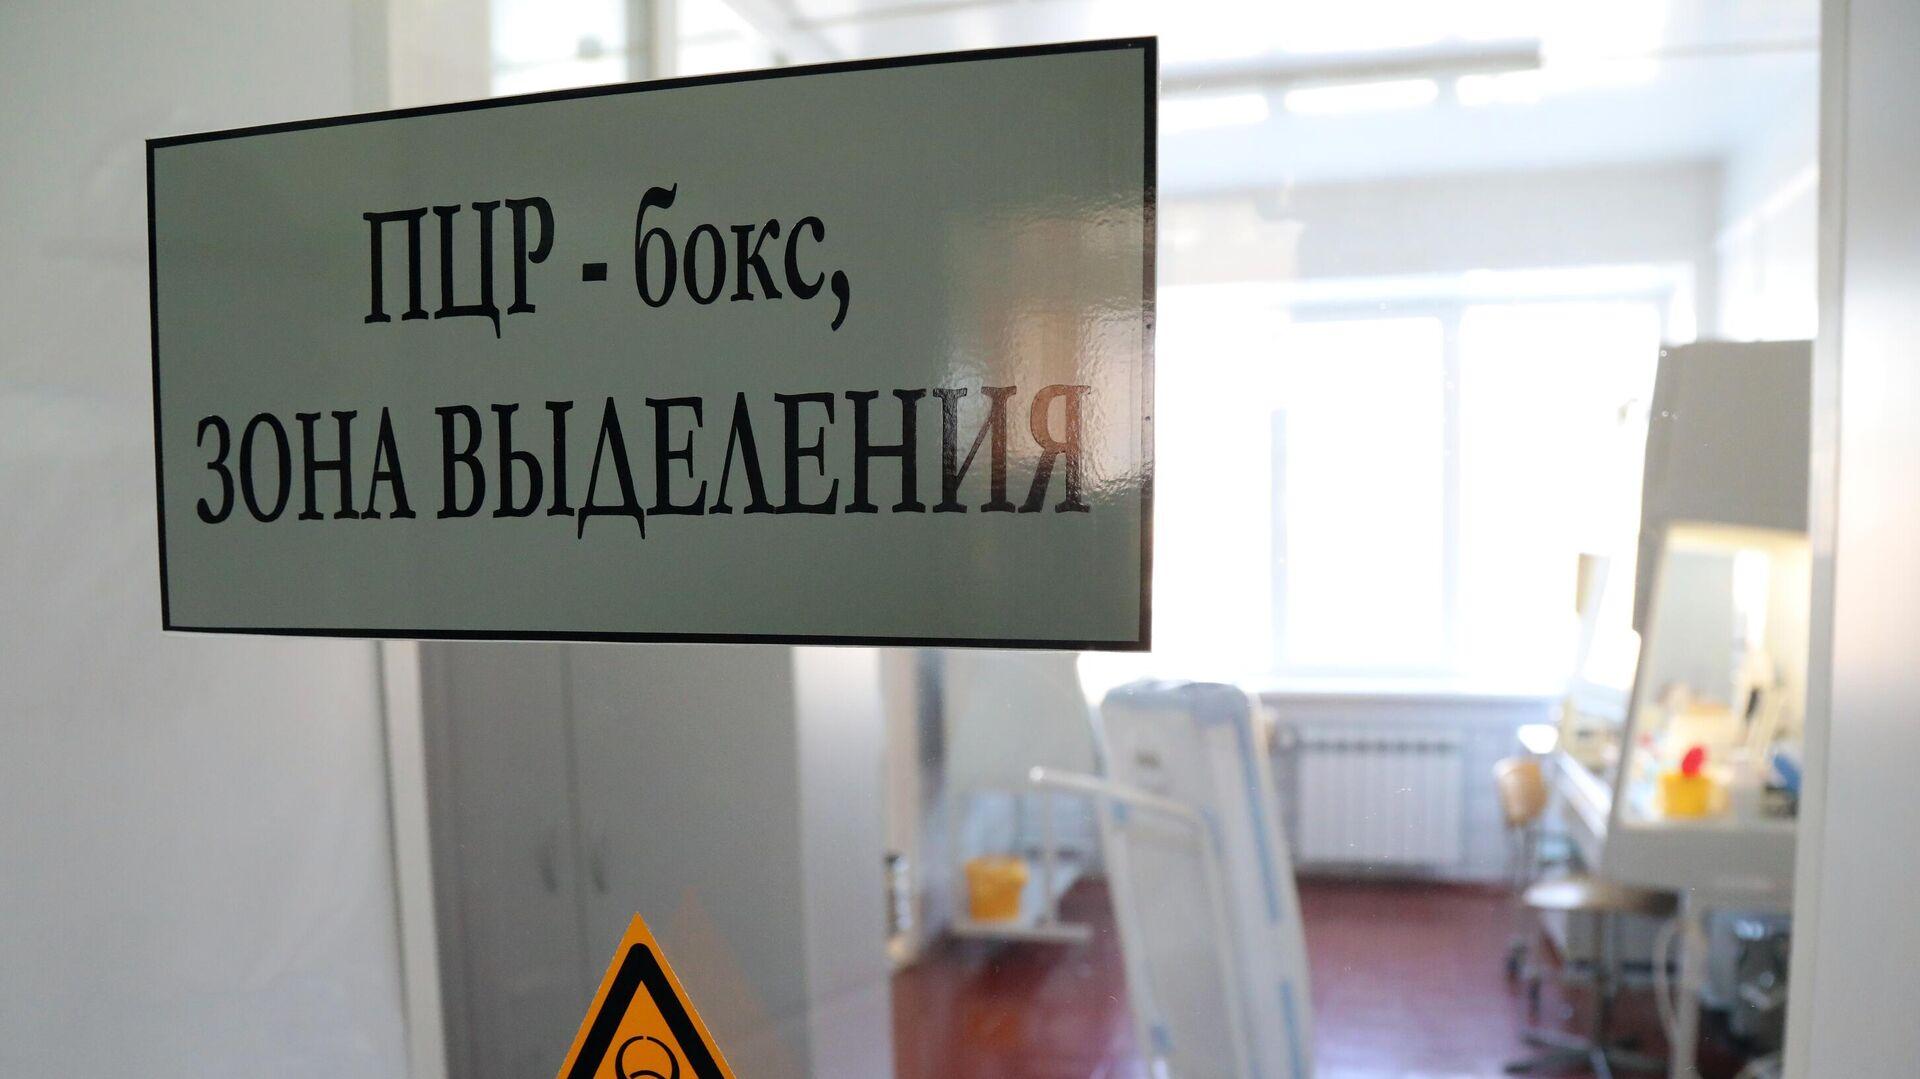 Лаборатория для тестирования на коронавирус в Архангельской области - РИА Новости, 1920, 23.04.2021